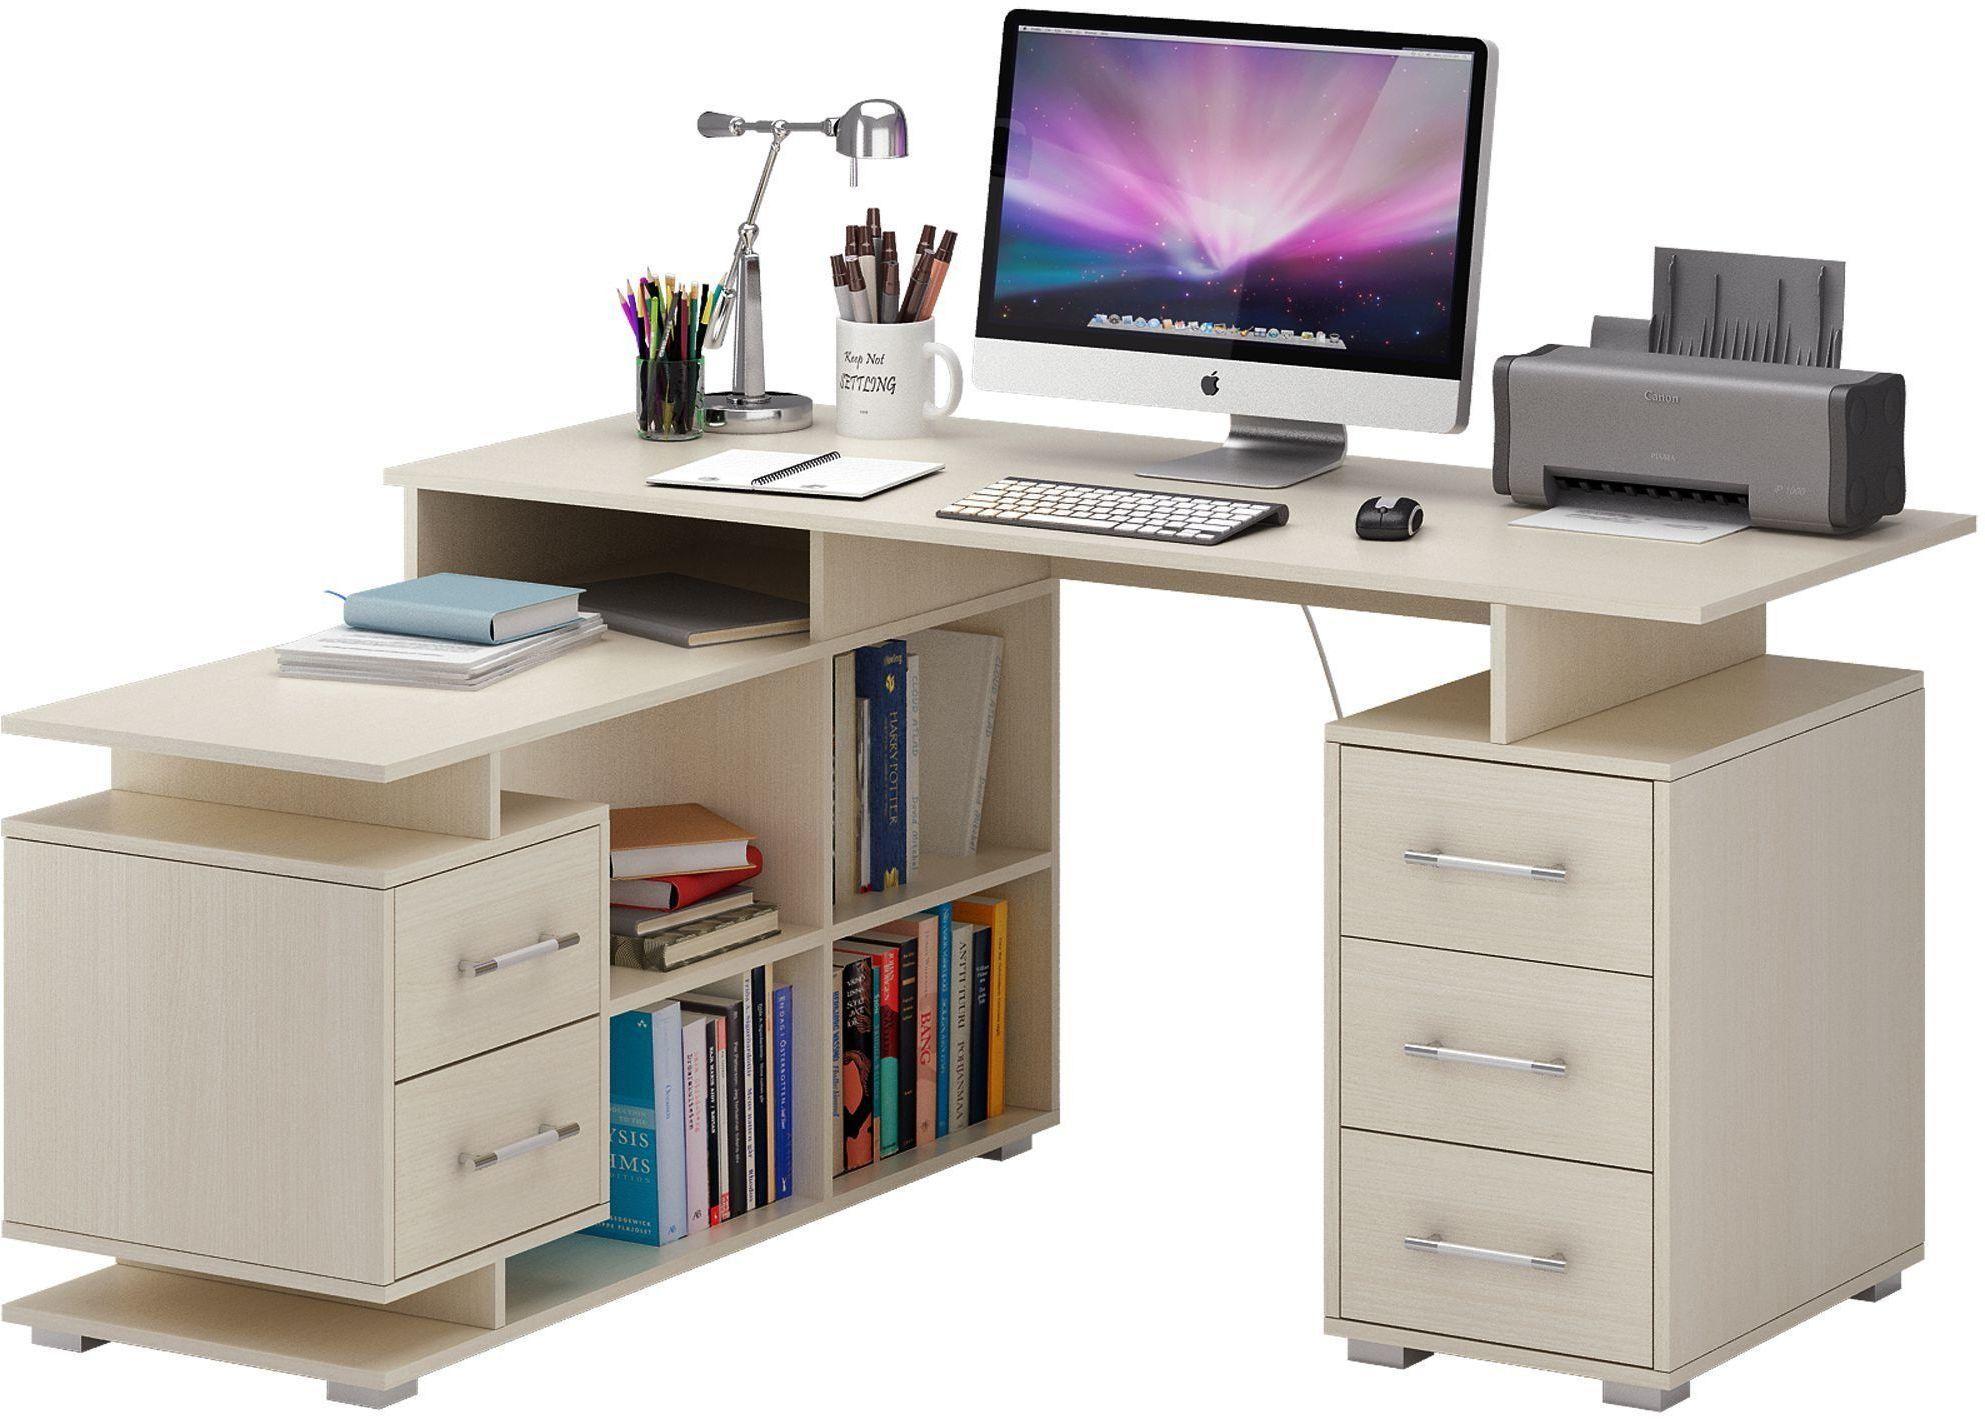 Компьютерный стол mfm барди-3 - купить в москве по низкой це.